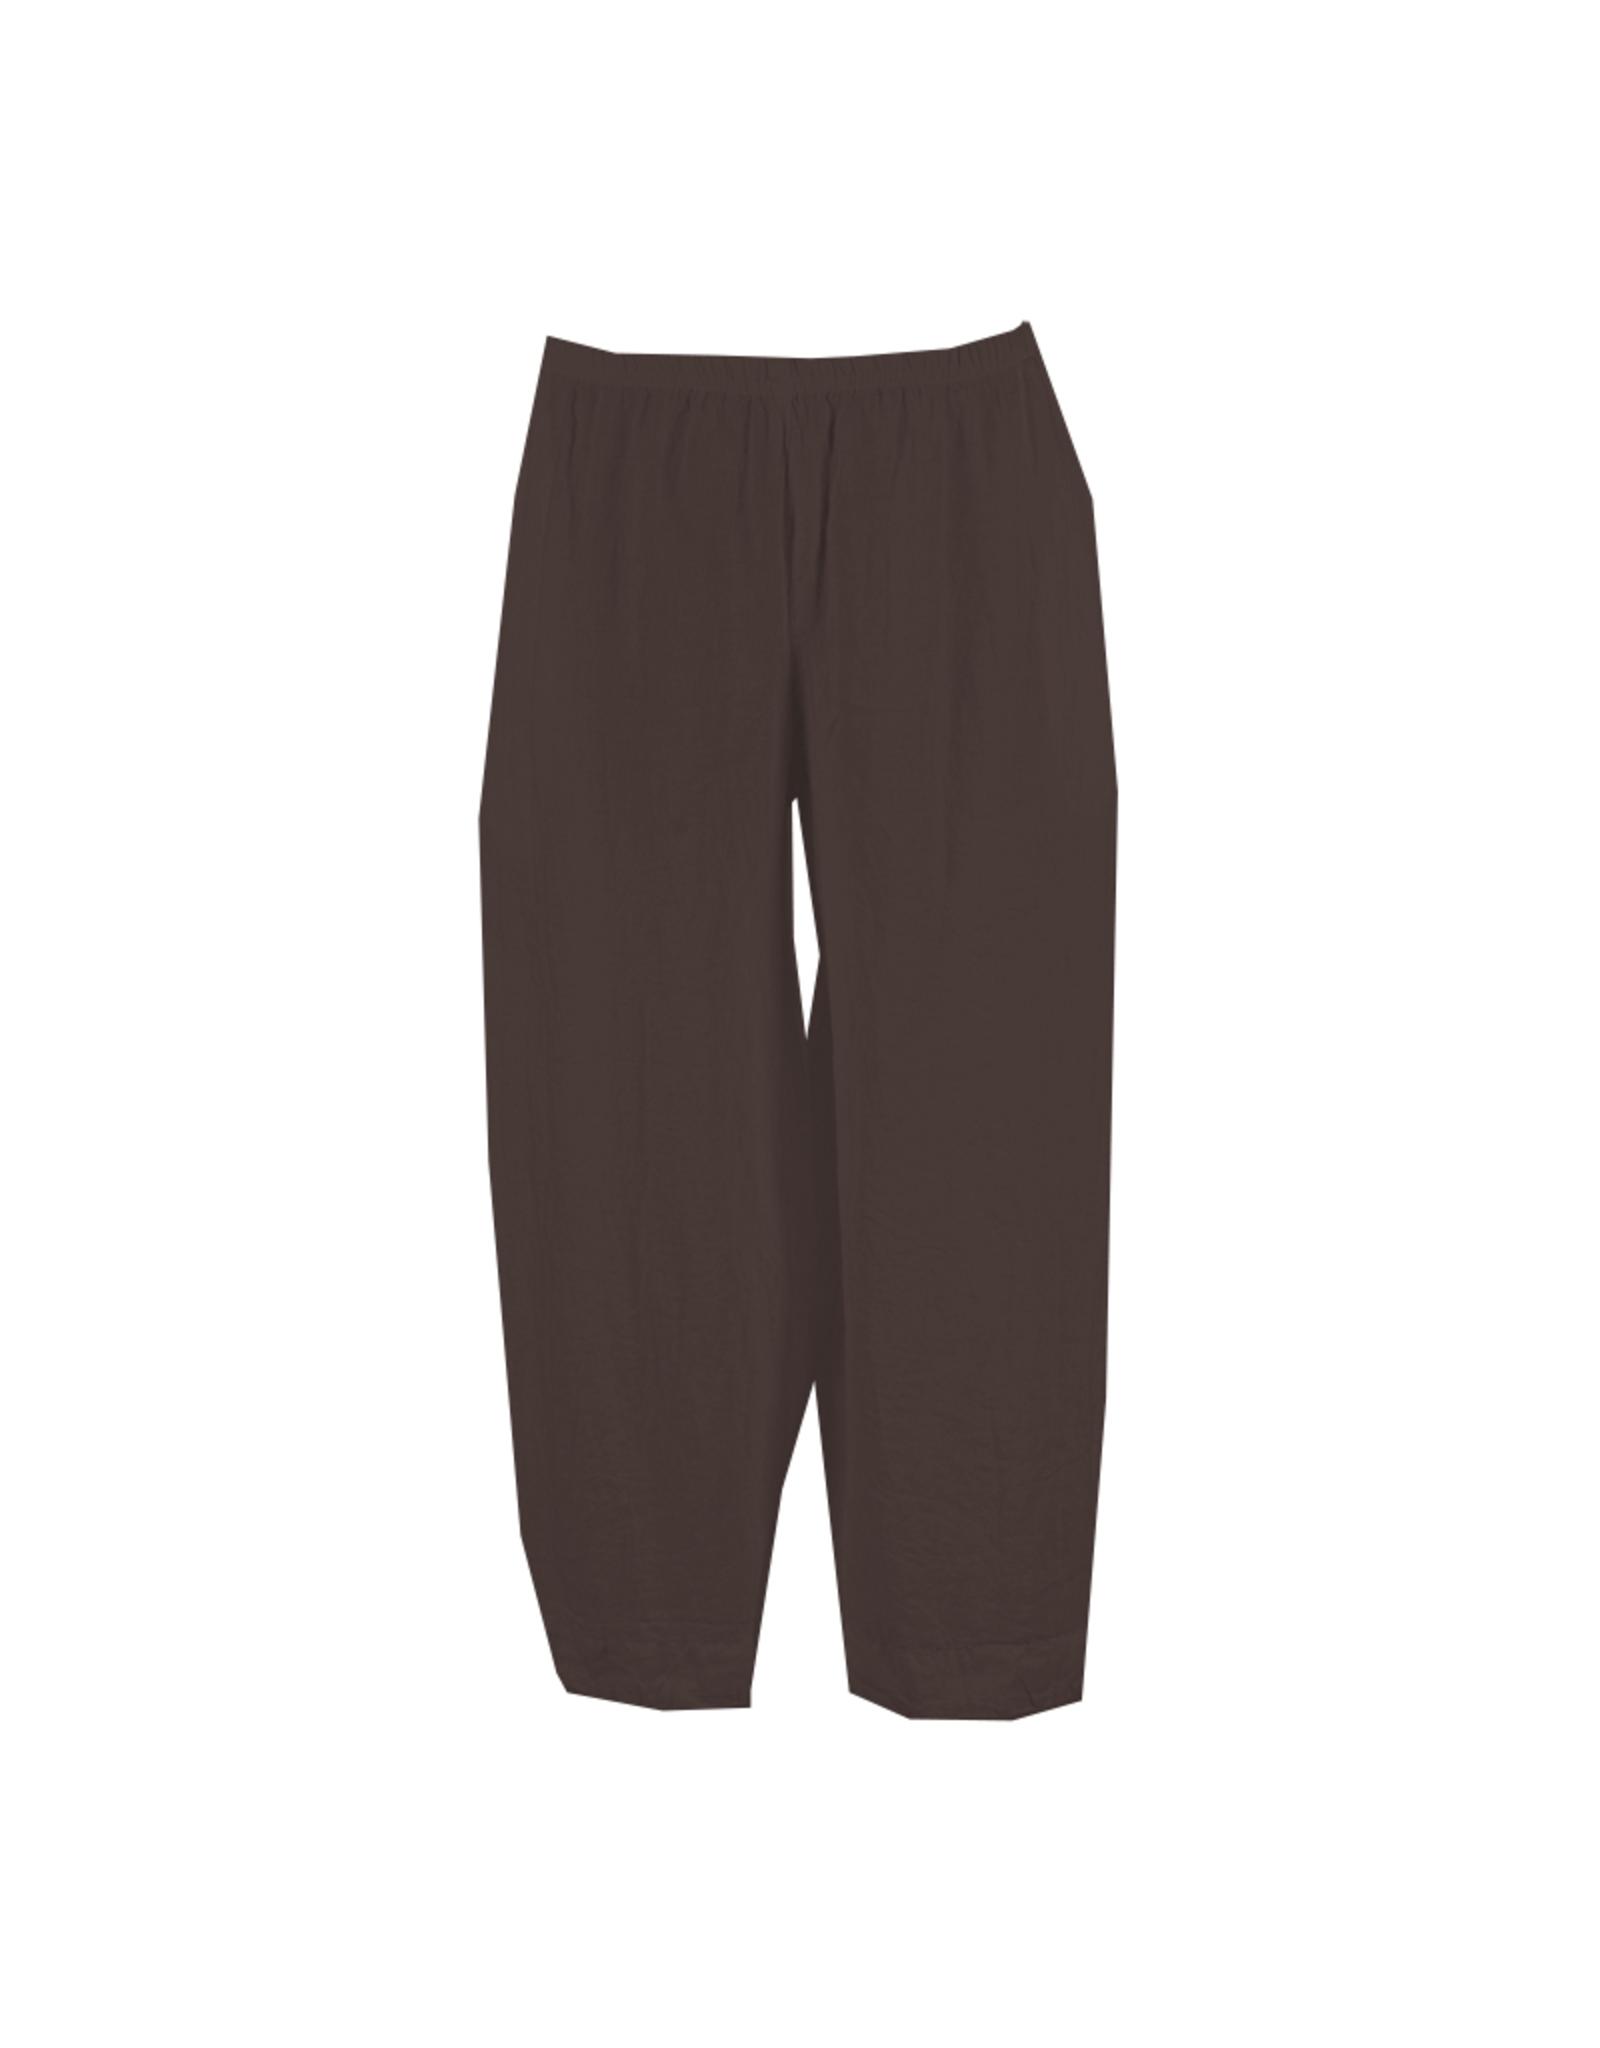 Cut Loose Twist Pant-Hanky Linen